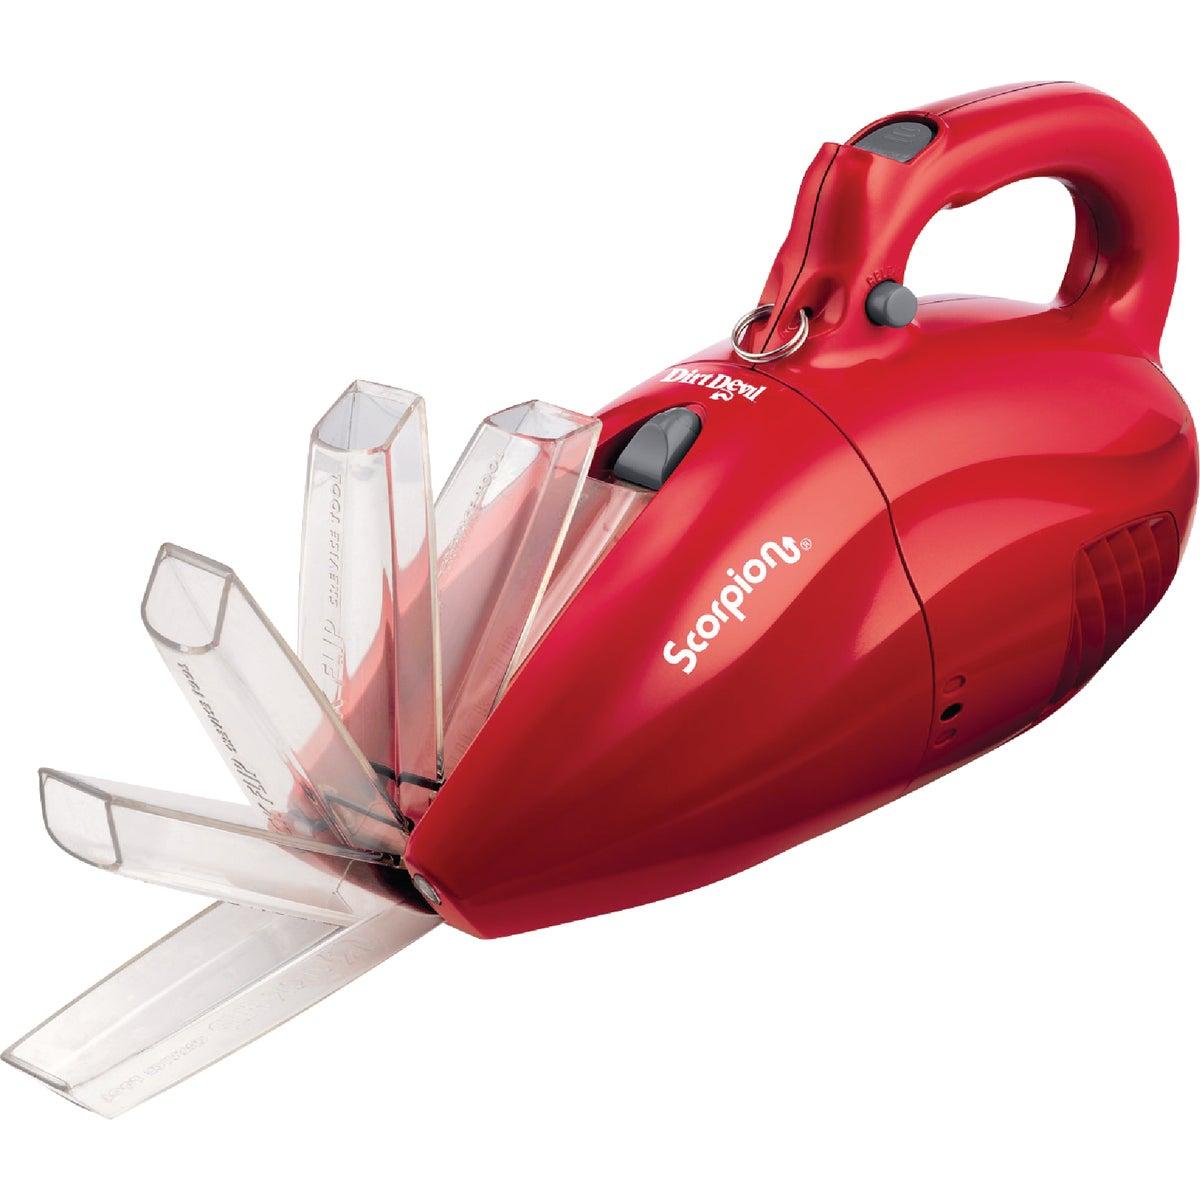 Scorpion Vacuum